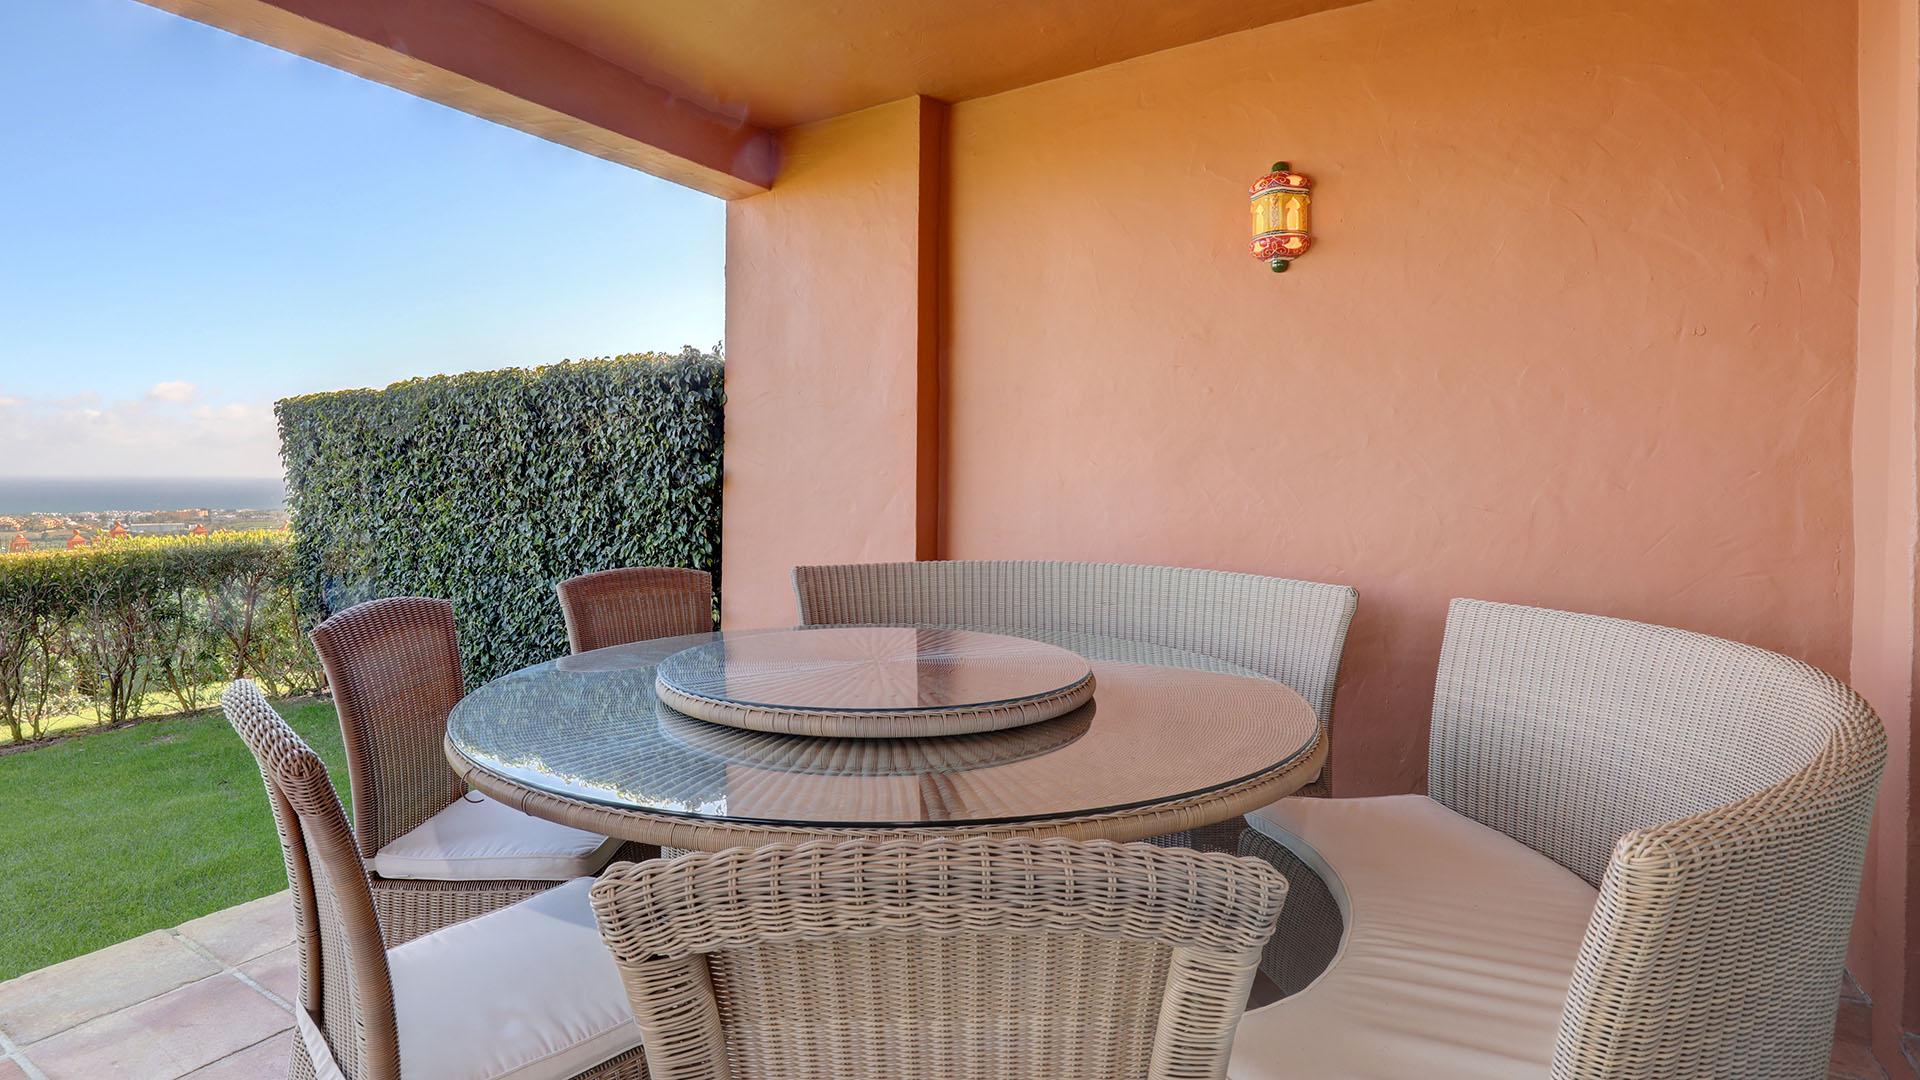 Royal Flamingos: Begane grond appartement met fantastisch uitzicht